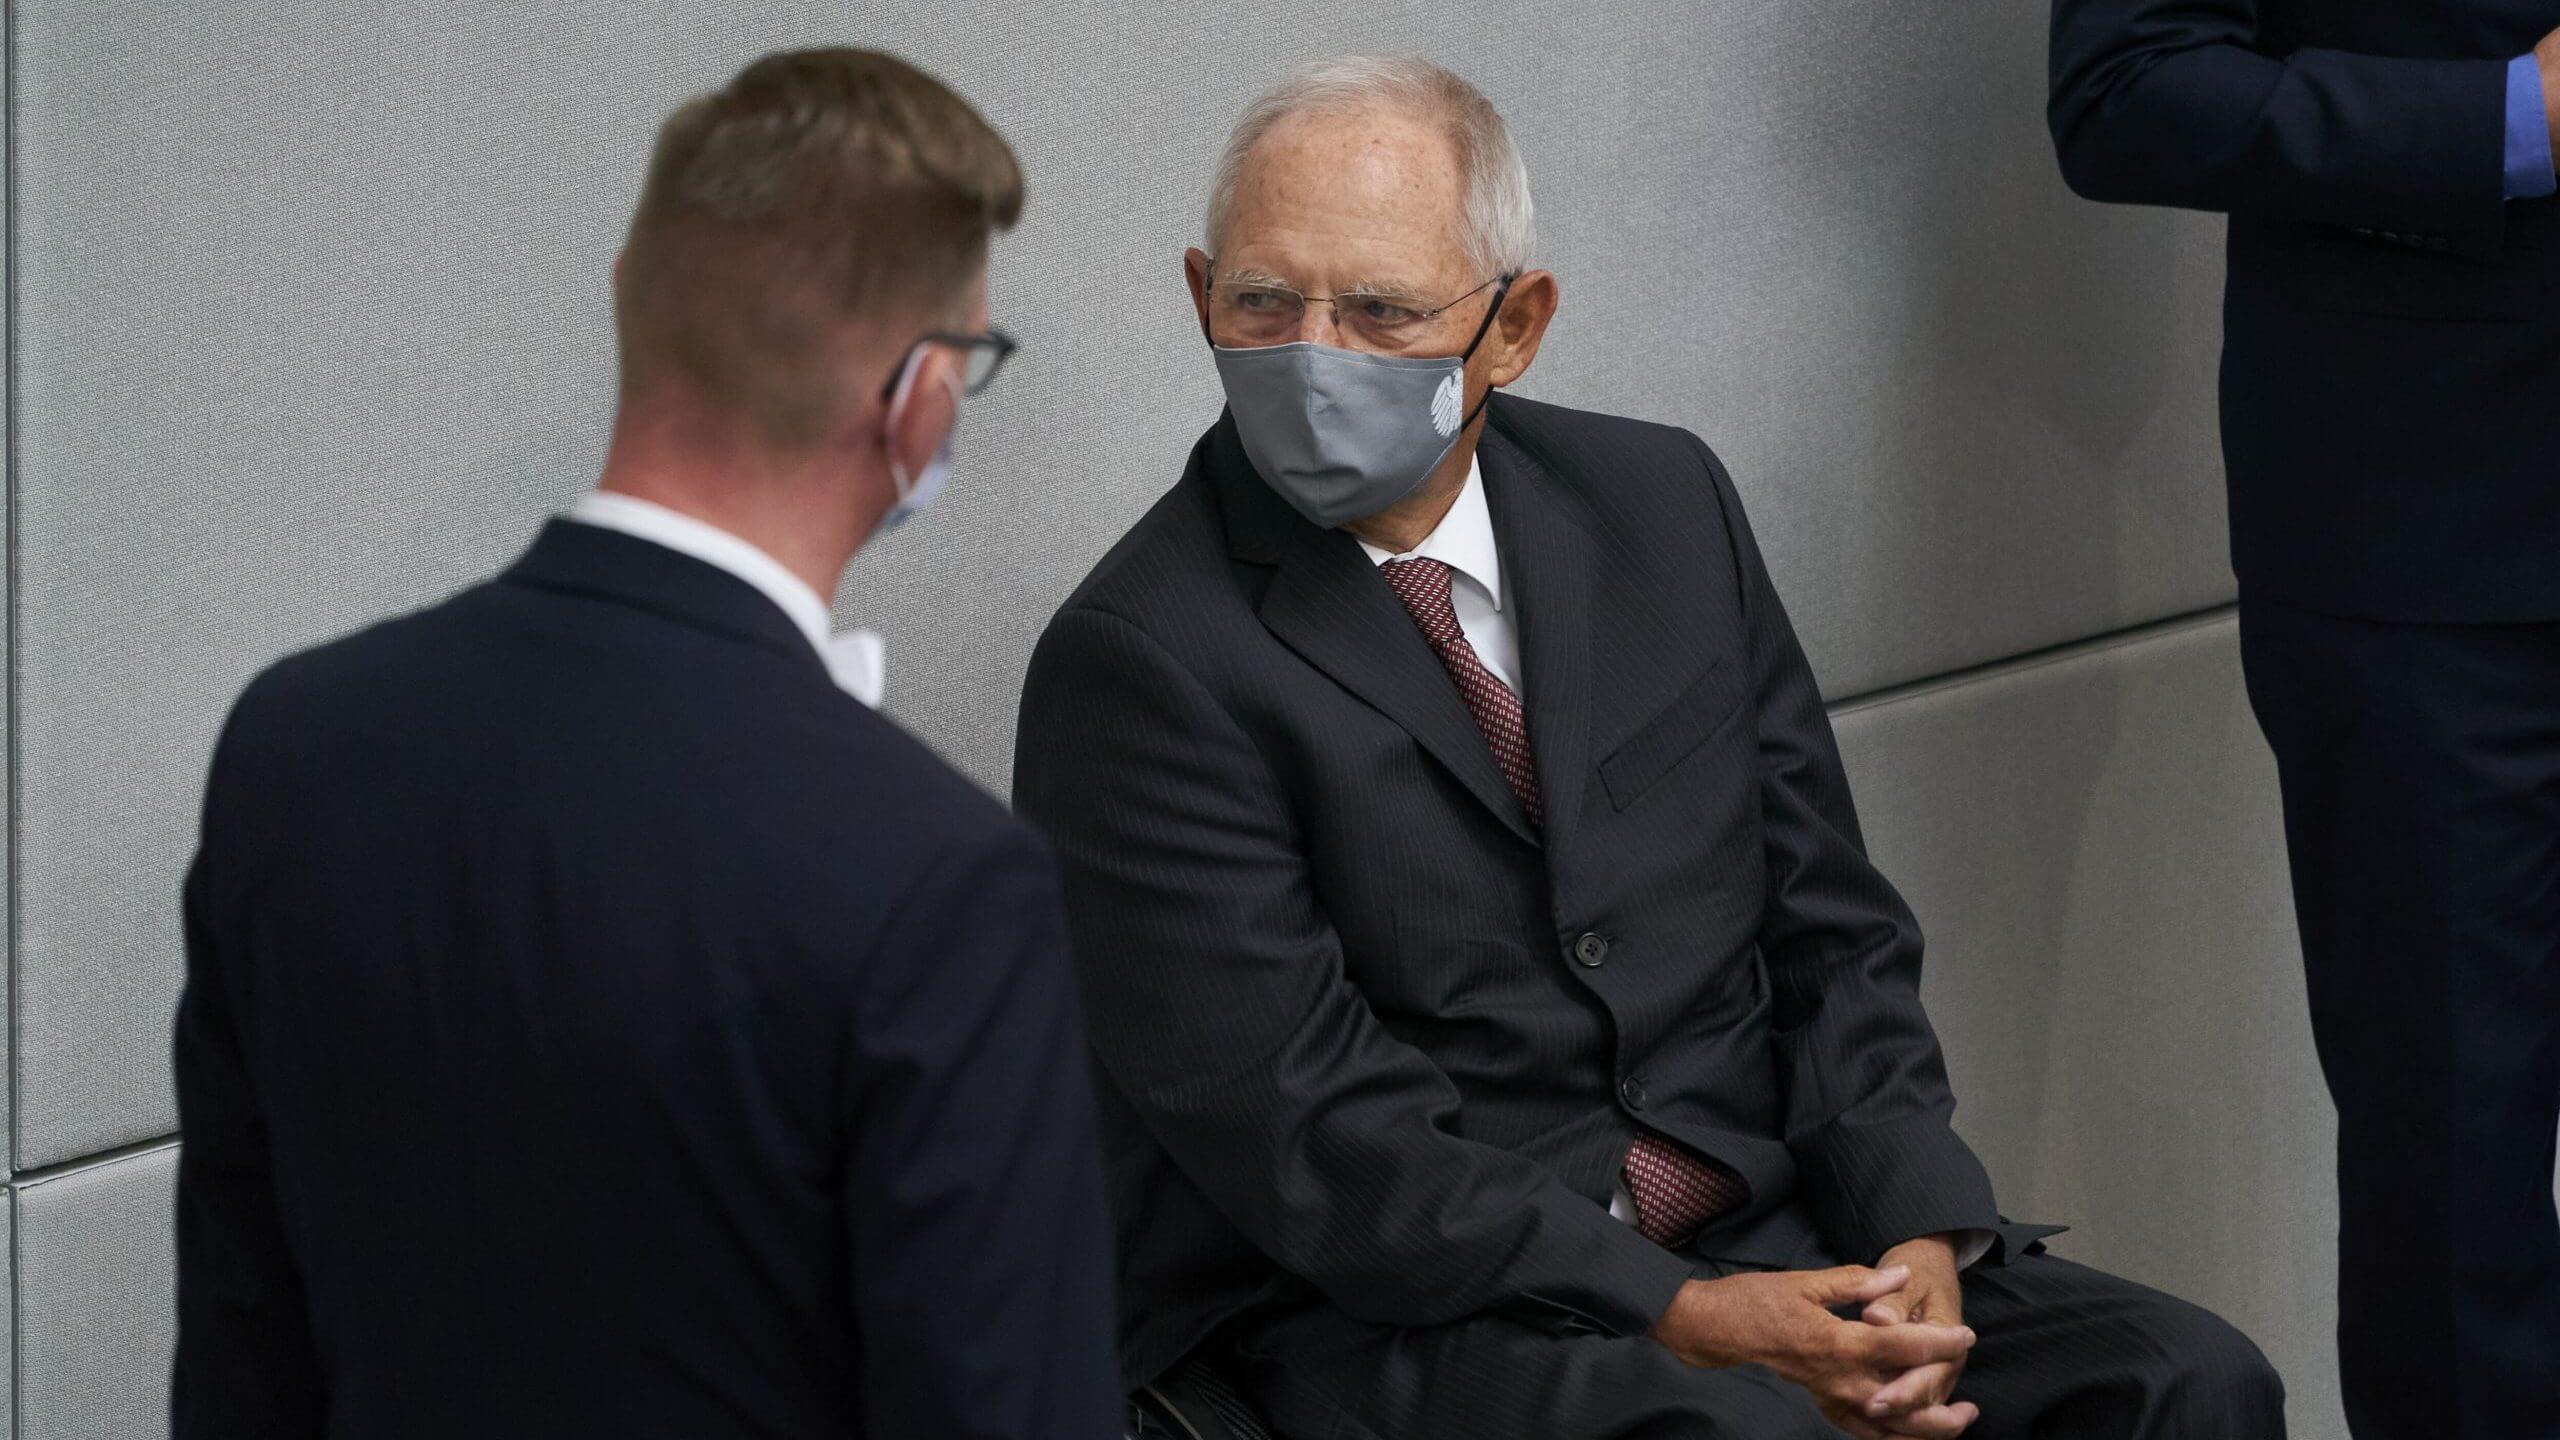 Maskenpflicht im Deutschen Bundestag